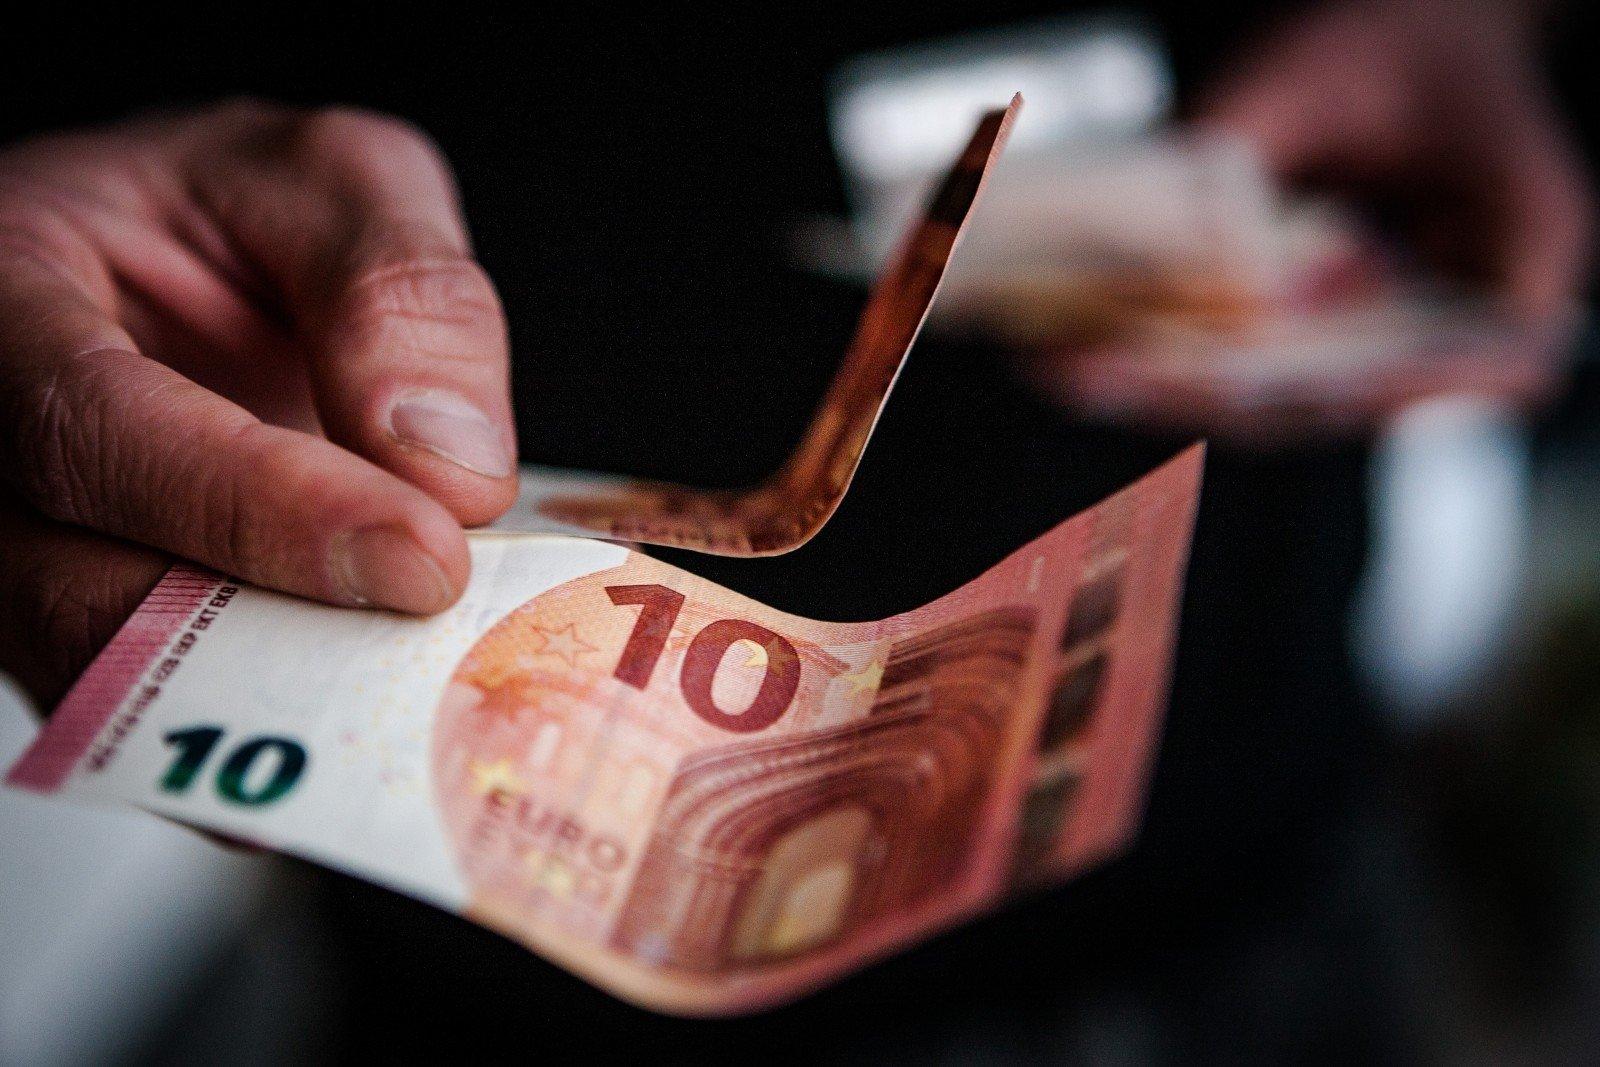 kaip užmegzti pinigų triukus registracijos galimybės